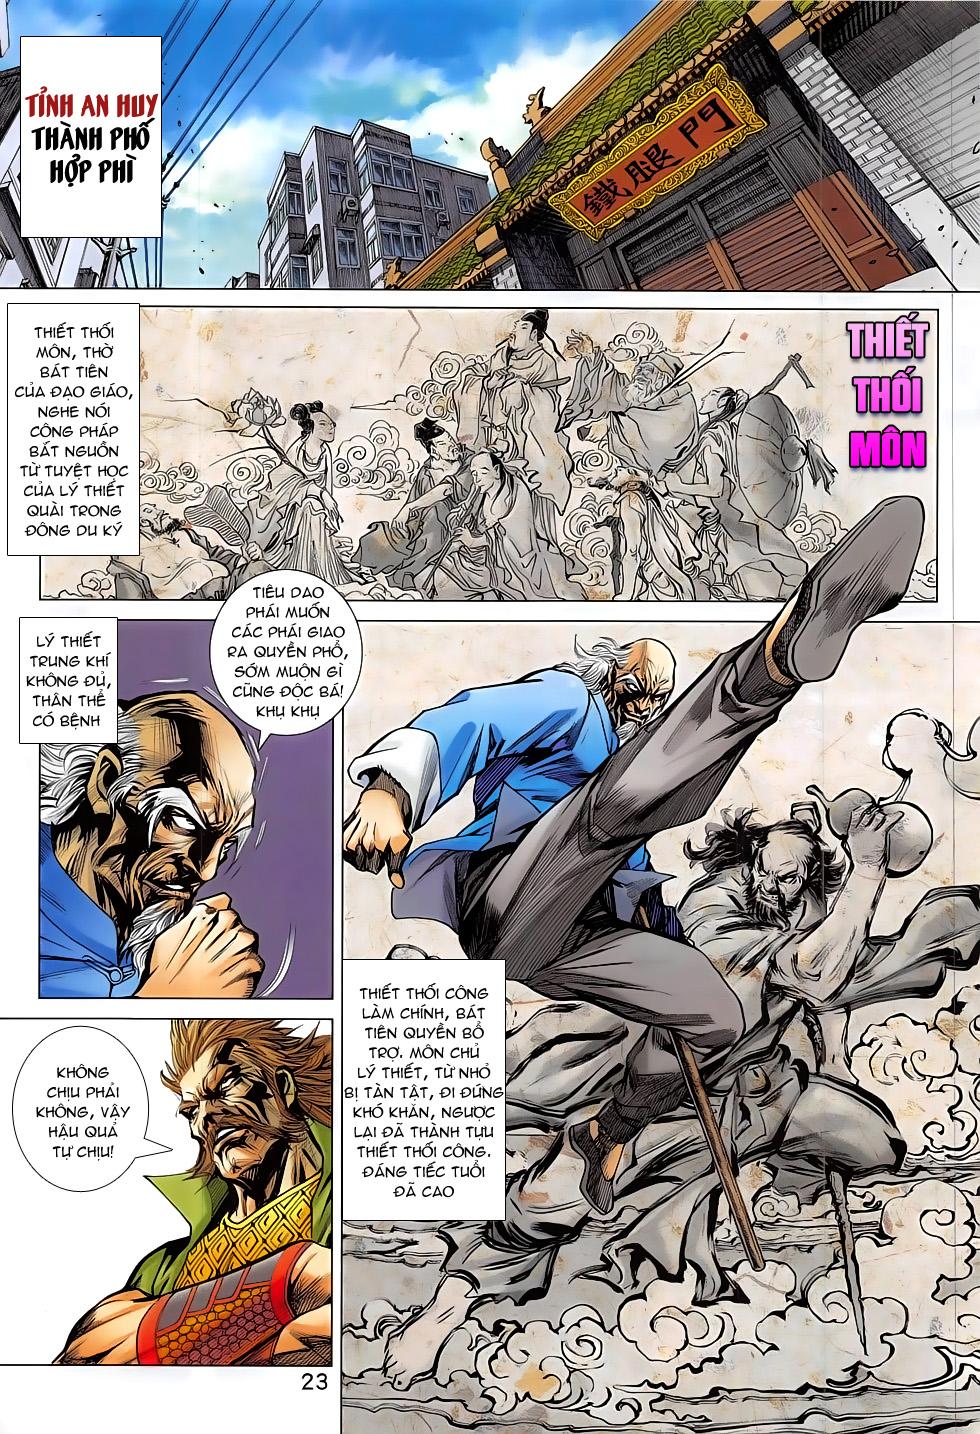 Tân Tác Long Hổ Môn chap 793 Trang 23 - Mangak.info